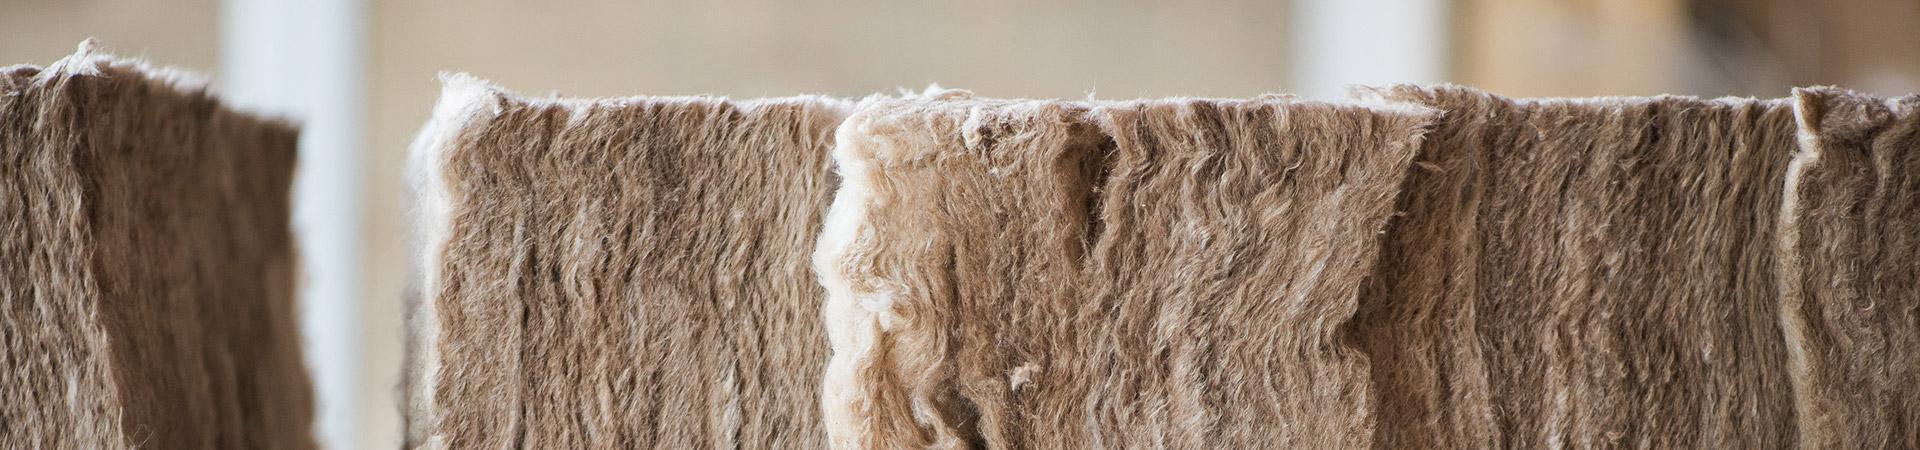 Residential batt insulation burlington hamilton oakville for Foundation blanket wrap insulation